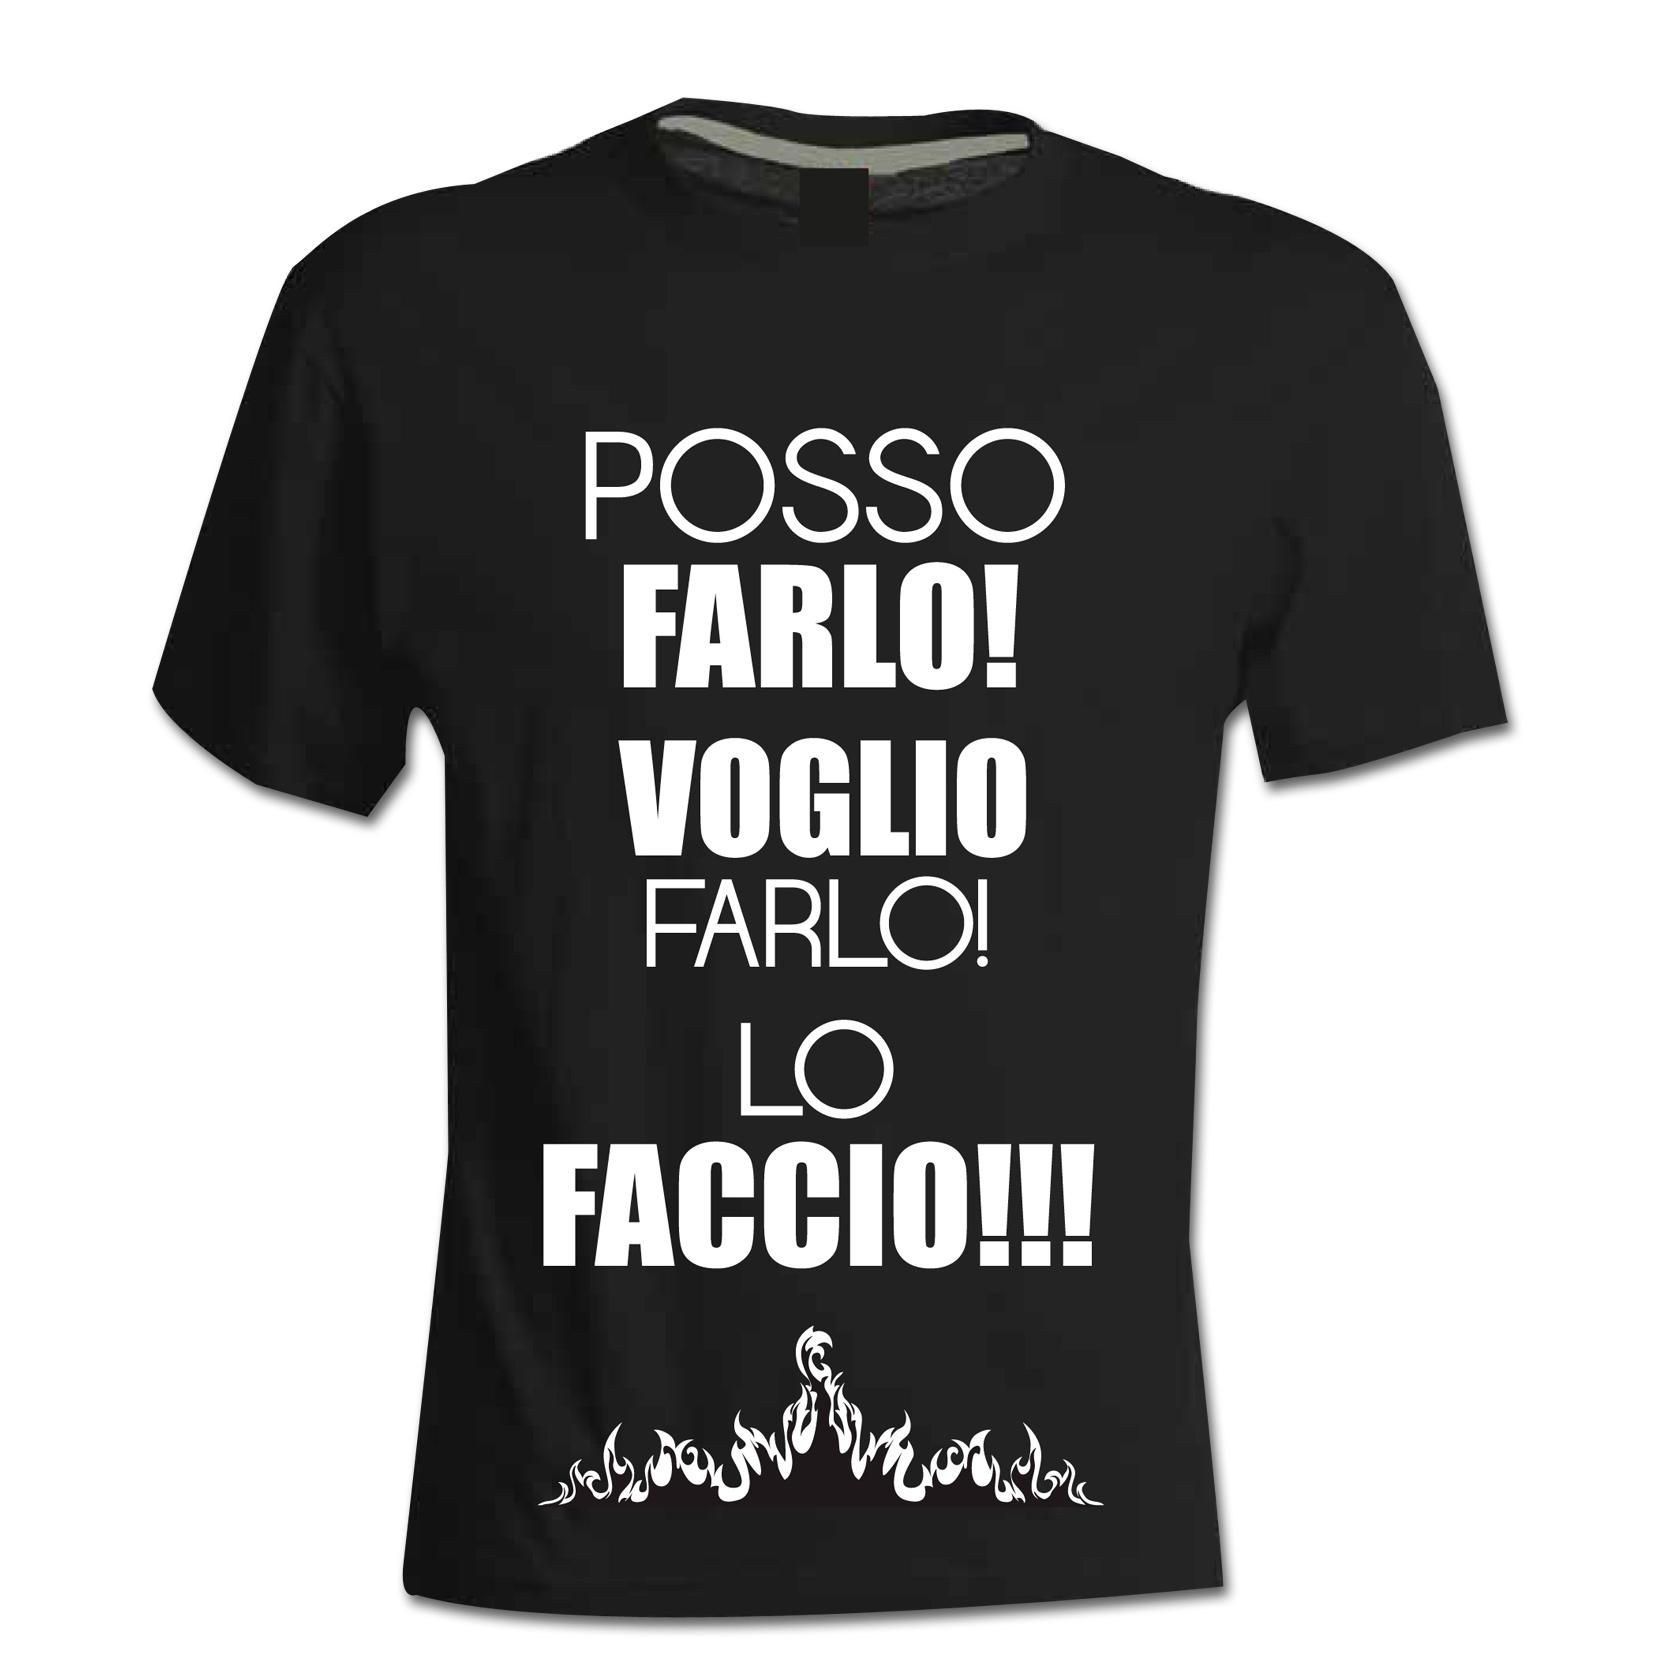 T-shirt-Posso-farlo-voglio-farlo-lo-faccio-Roberto-Re